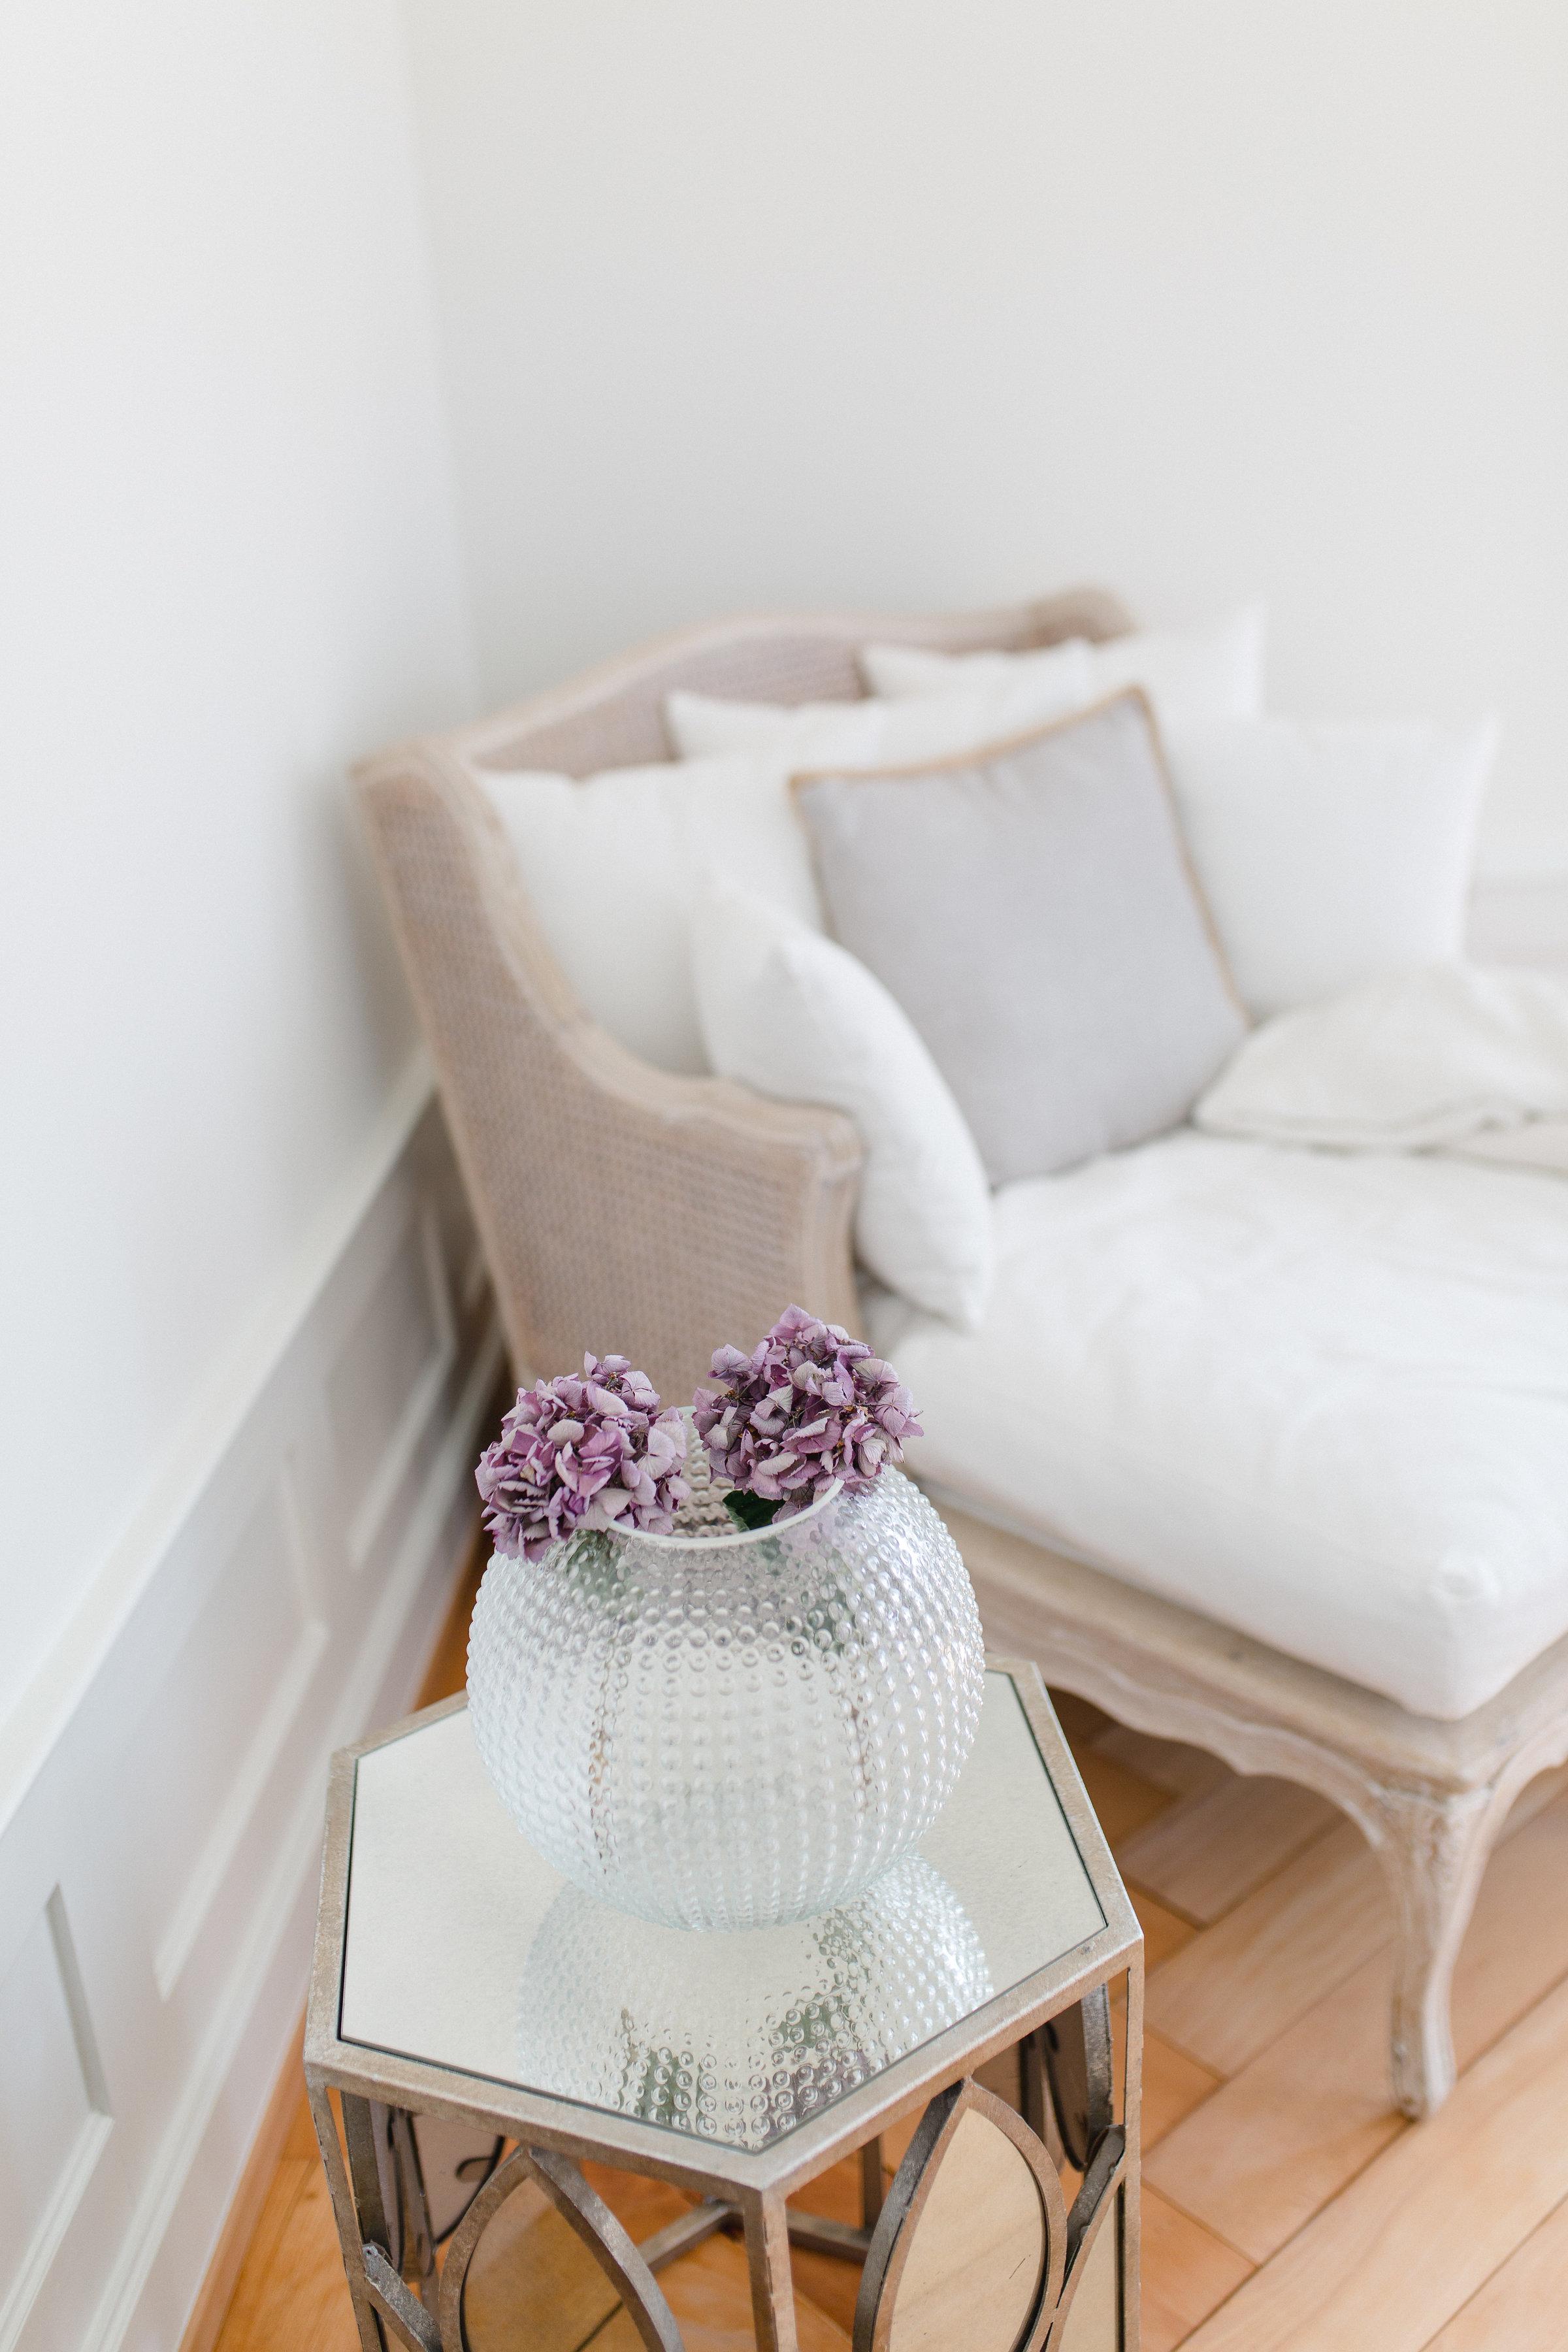 Sofia CM Interior, Home decorationand Sytle blog Zurich Switzerland